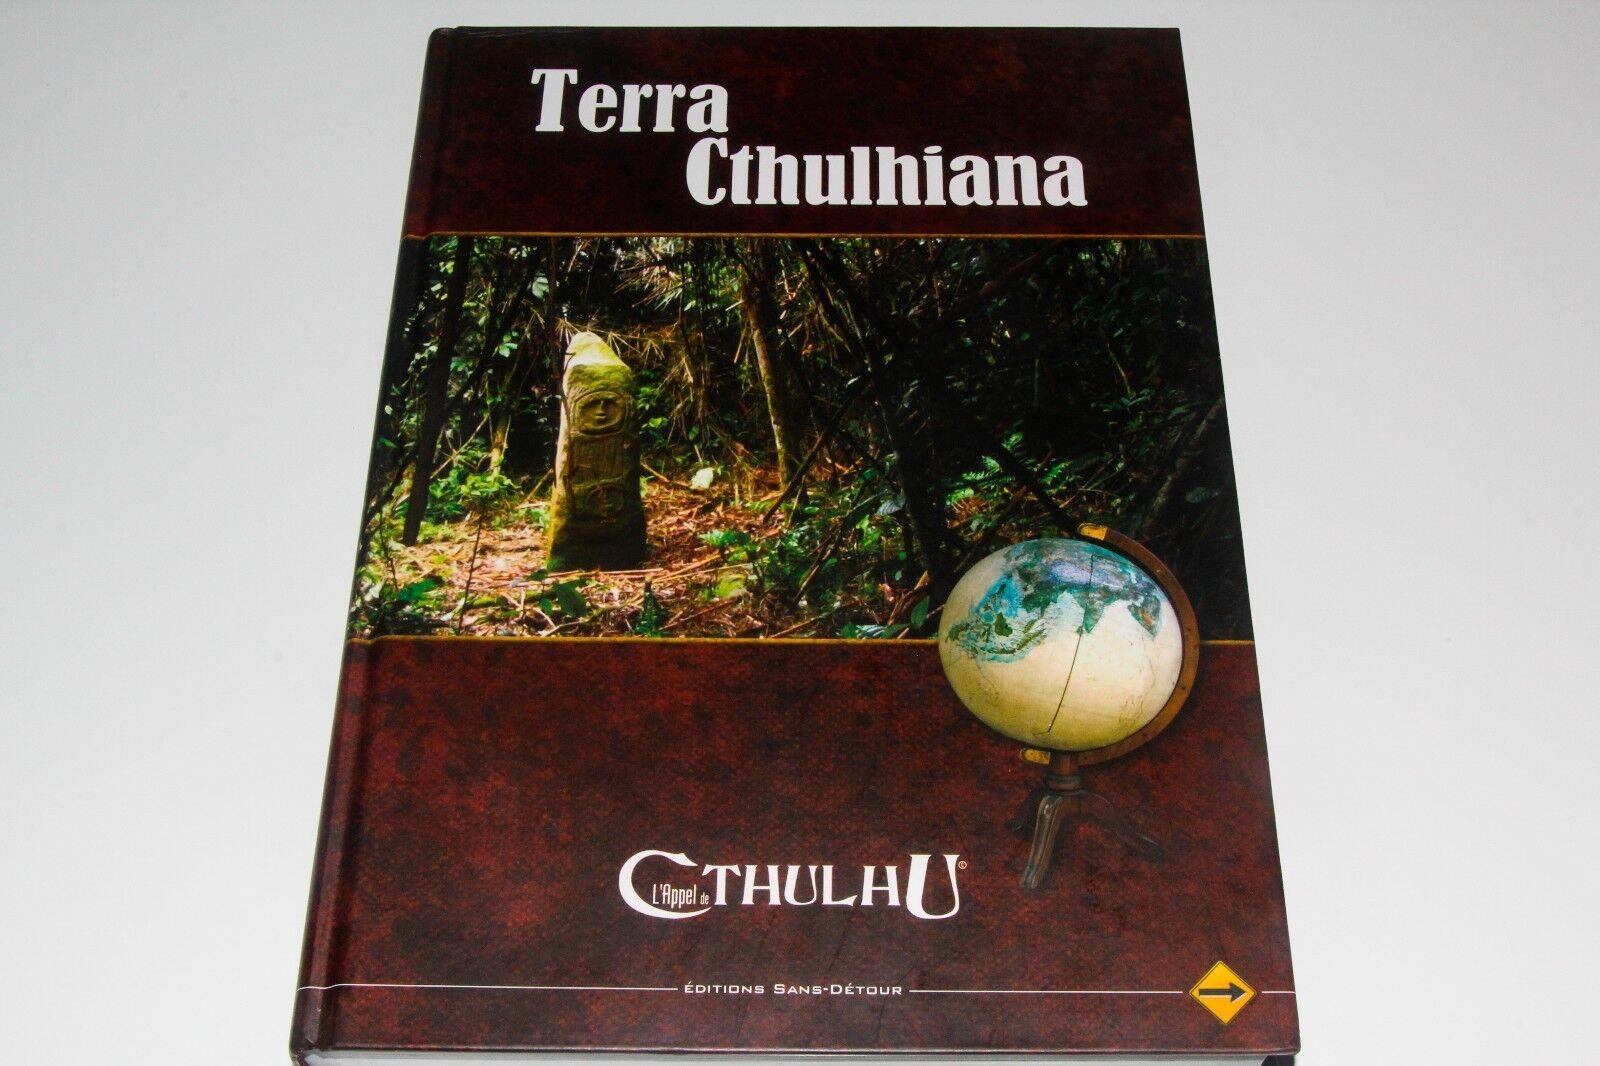 L'APPEL DE CTHULHU - TERRA CTHULHIANA -  EDITION SANS DETOUR  marque de luxe